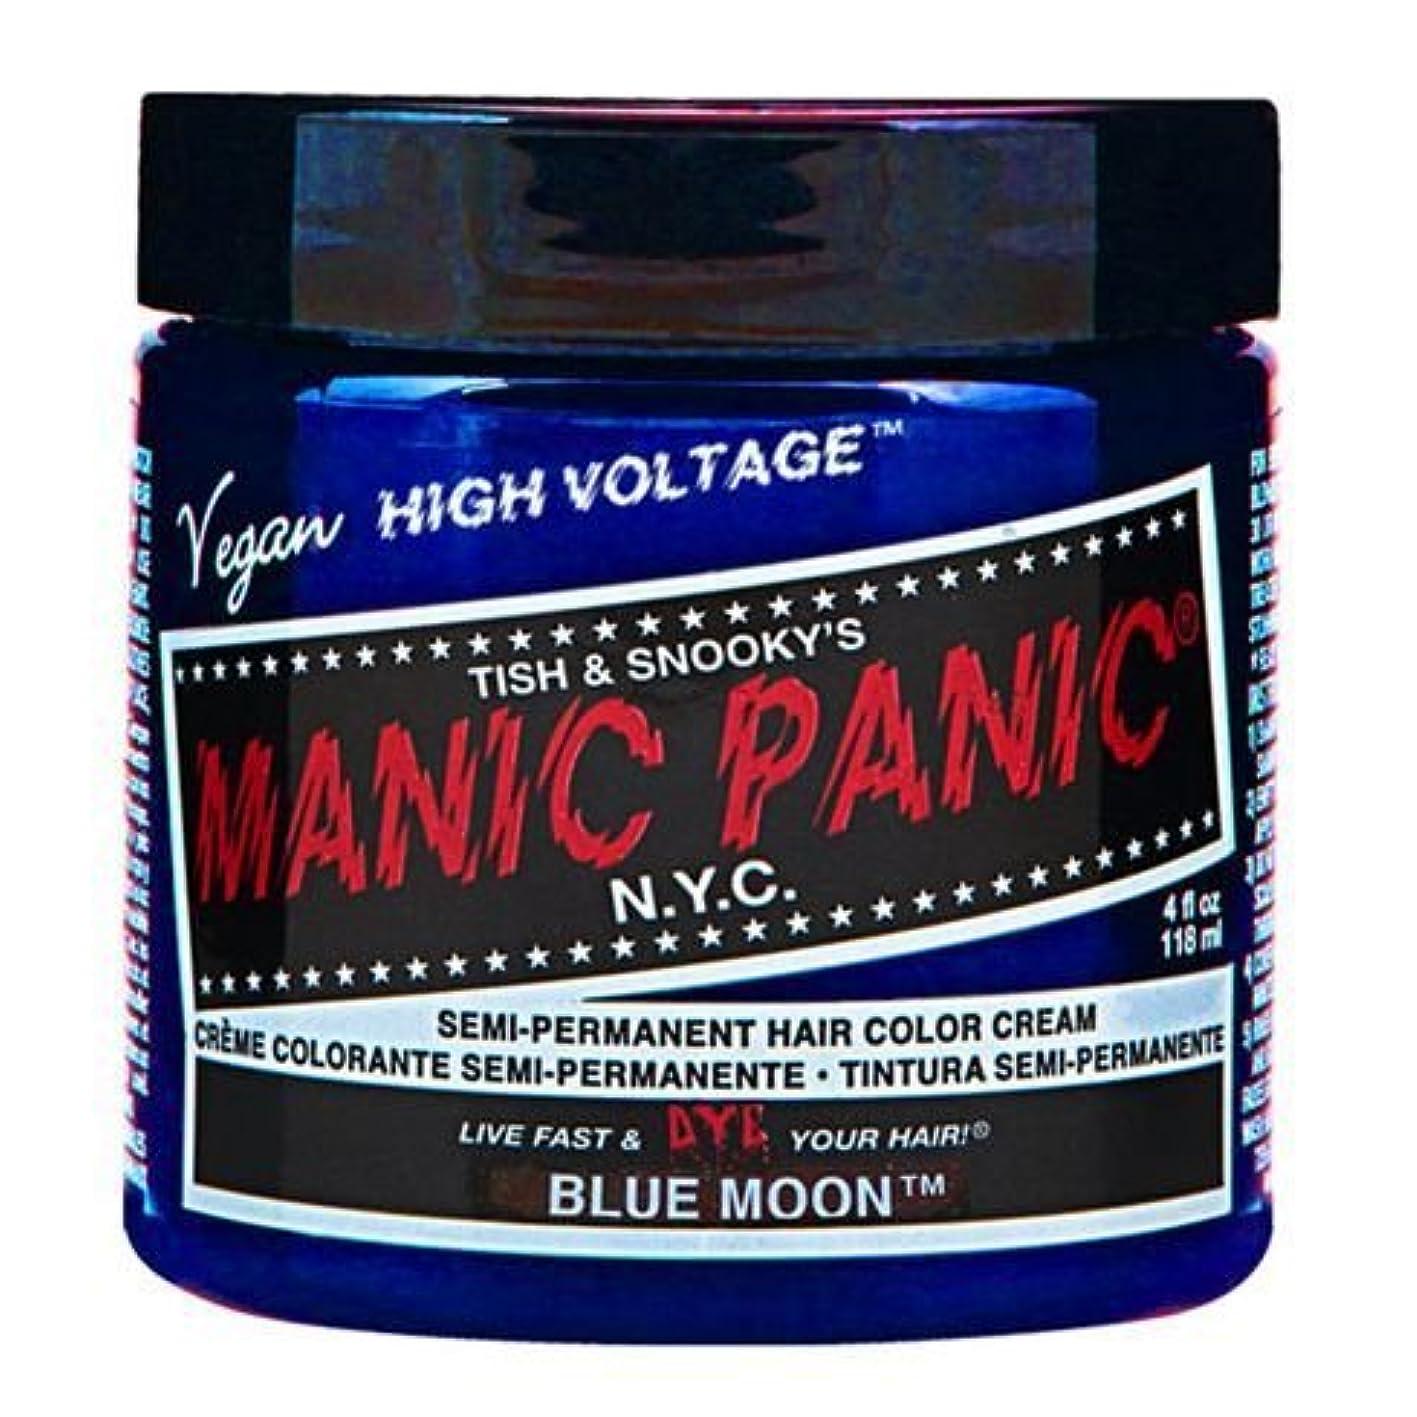 鉄道司教セブンスペシャルセットMANIC PANICマニックパニック:Blue Moon (ブルームーン)+ヘアカラーケア4点セット